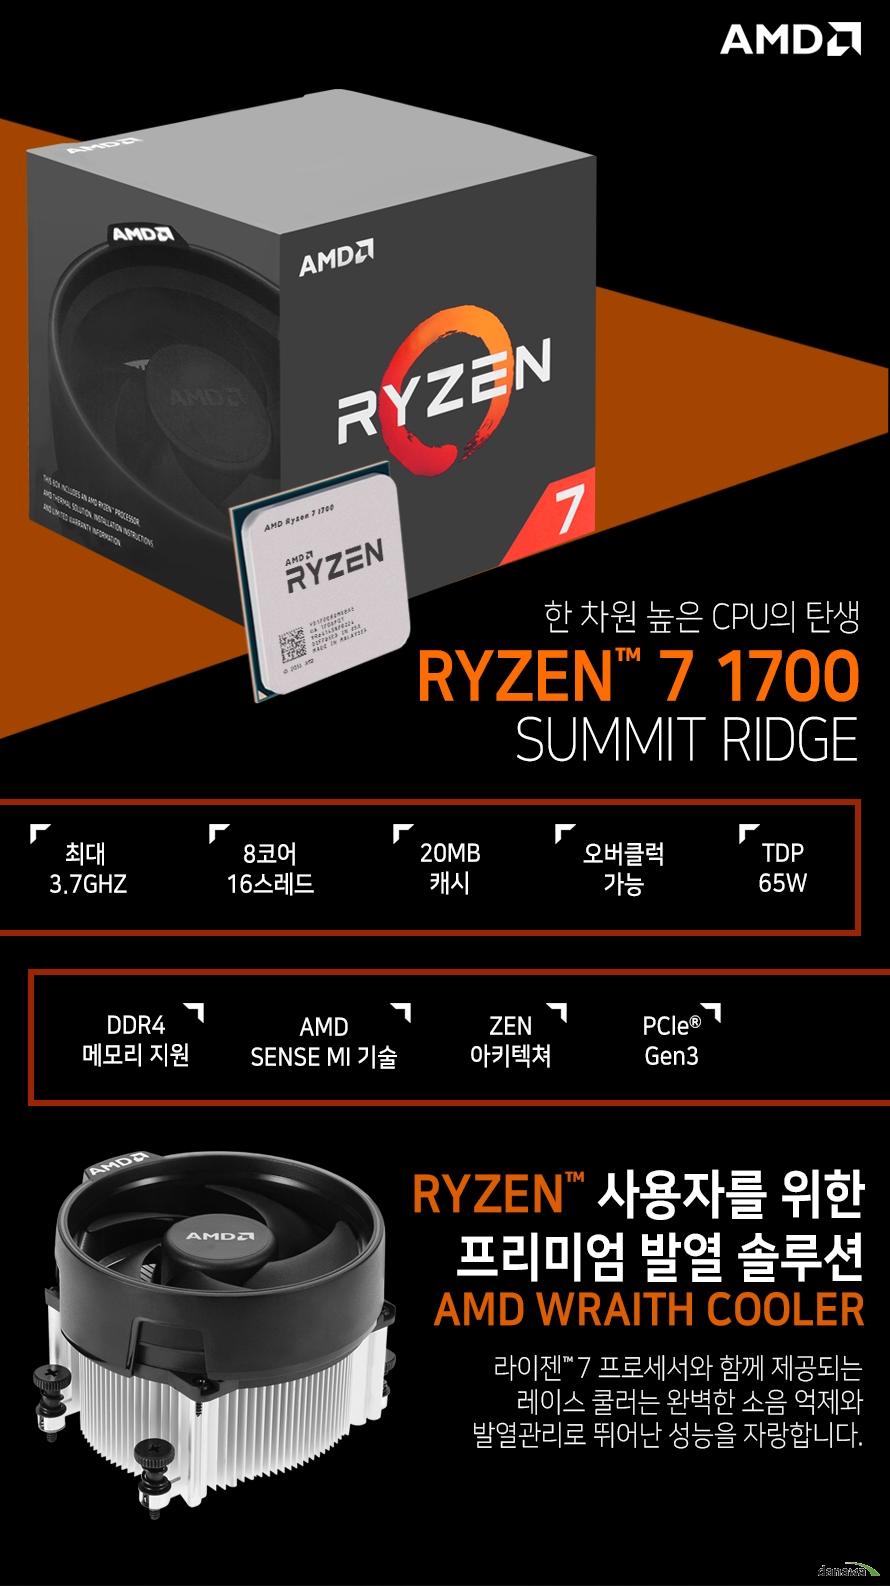 한 차원 높은 CPU의 탄생         RYZEN 7 1700         SUMMIT RIDGE                  최대 3.7GHZ          8코어 16스레드         20MB 캐시         오버클럭 가능         TDP 65W         DDR4 메모리 지원         AMD SENSE MI 기술         ZEN 아키텍쳐         PCle Gen 3                  RYZEN 사용자를 위한 프리미엄 발열 솔루션         AMD WRAITH COOLER                  라이젠 7 프로세서와 함께 제공되는 레이스 쿨러는          완벽한 소음 억제와 발열관리로 뛰어난 성능을 자랑합니다.